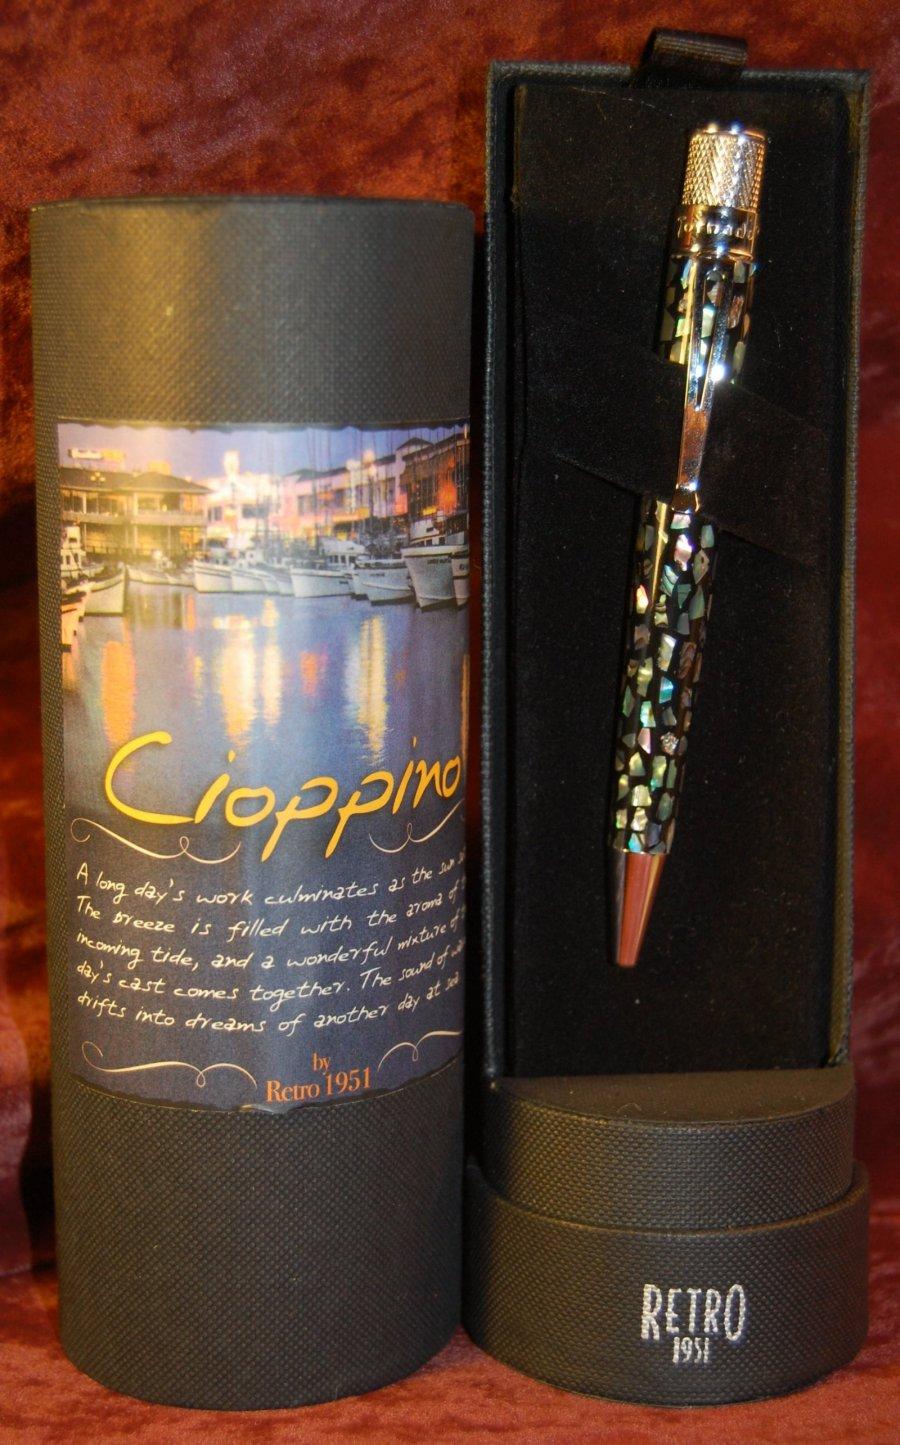 Retro 51 Cioppino Pen Search Results